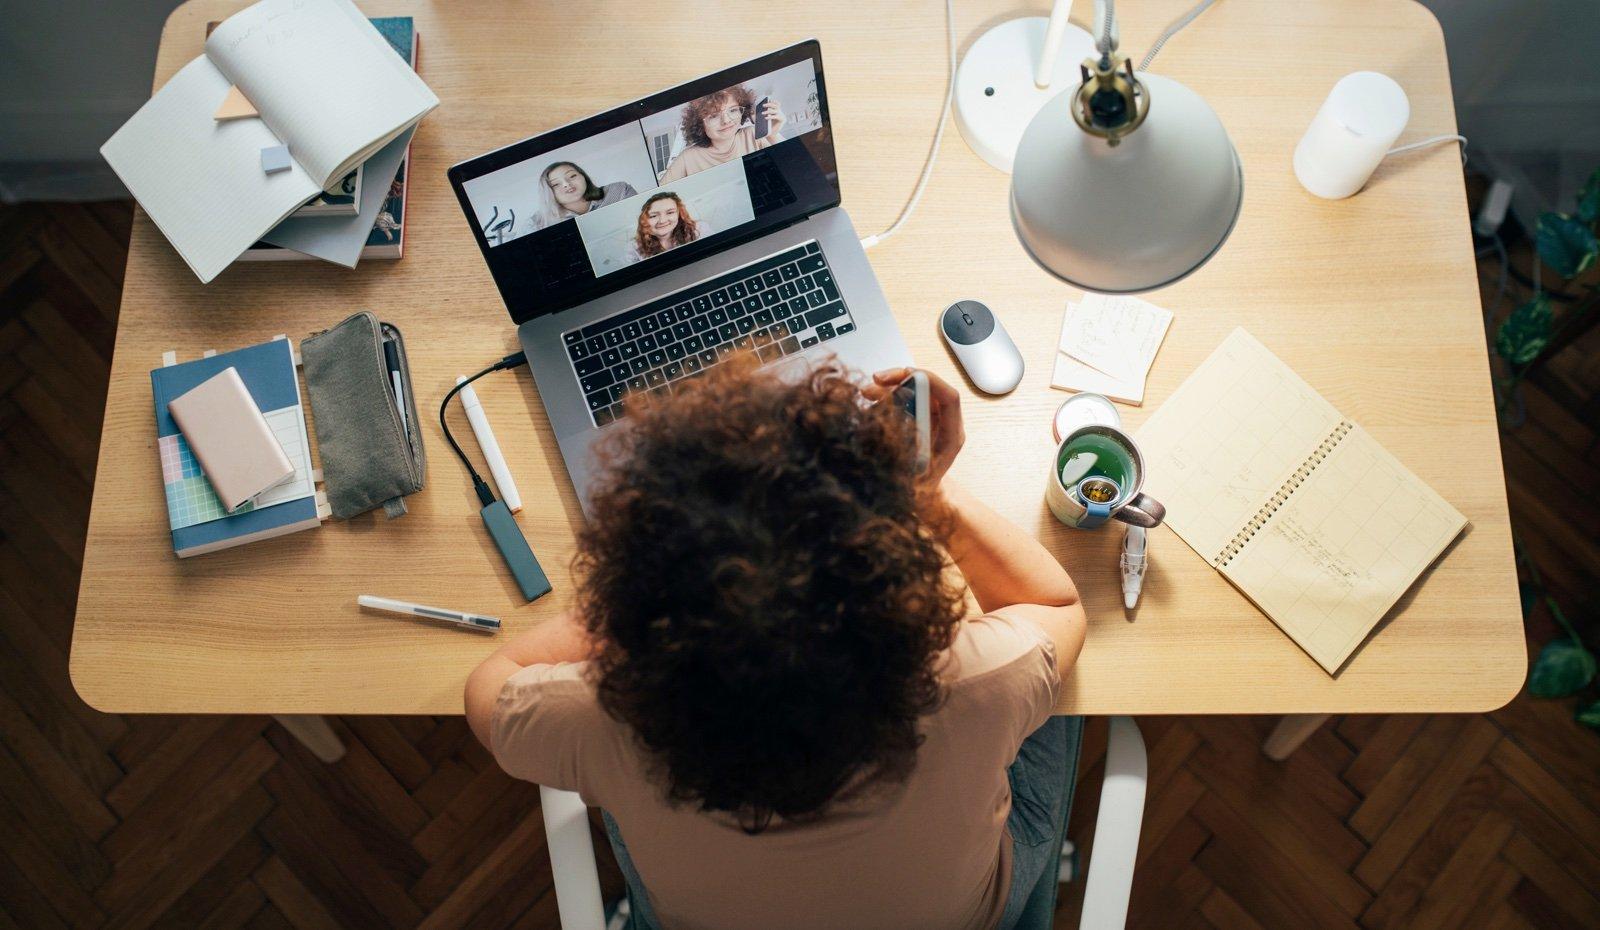 ¿Cómo funcionan las videoconferencias de Microsoft Teams?